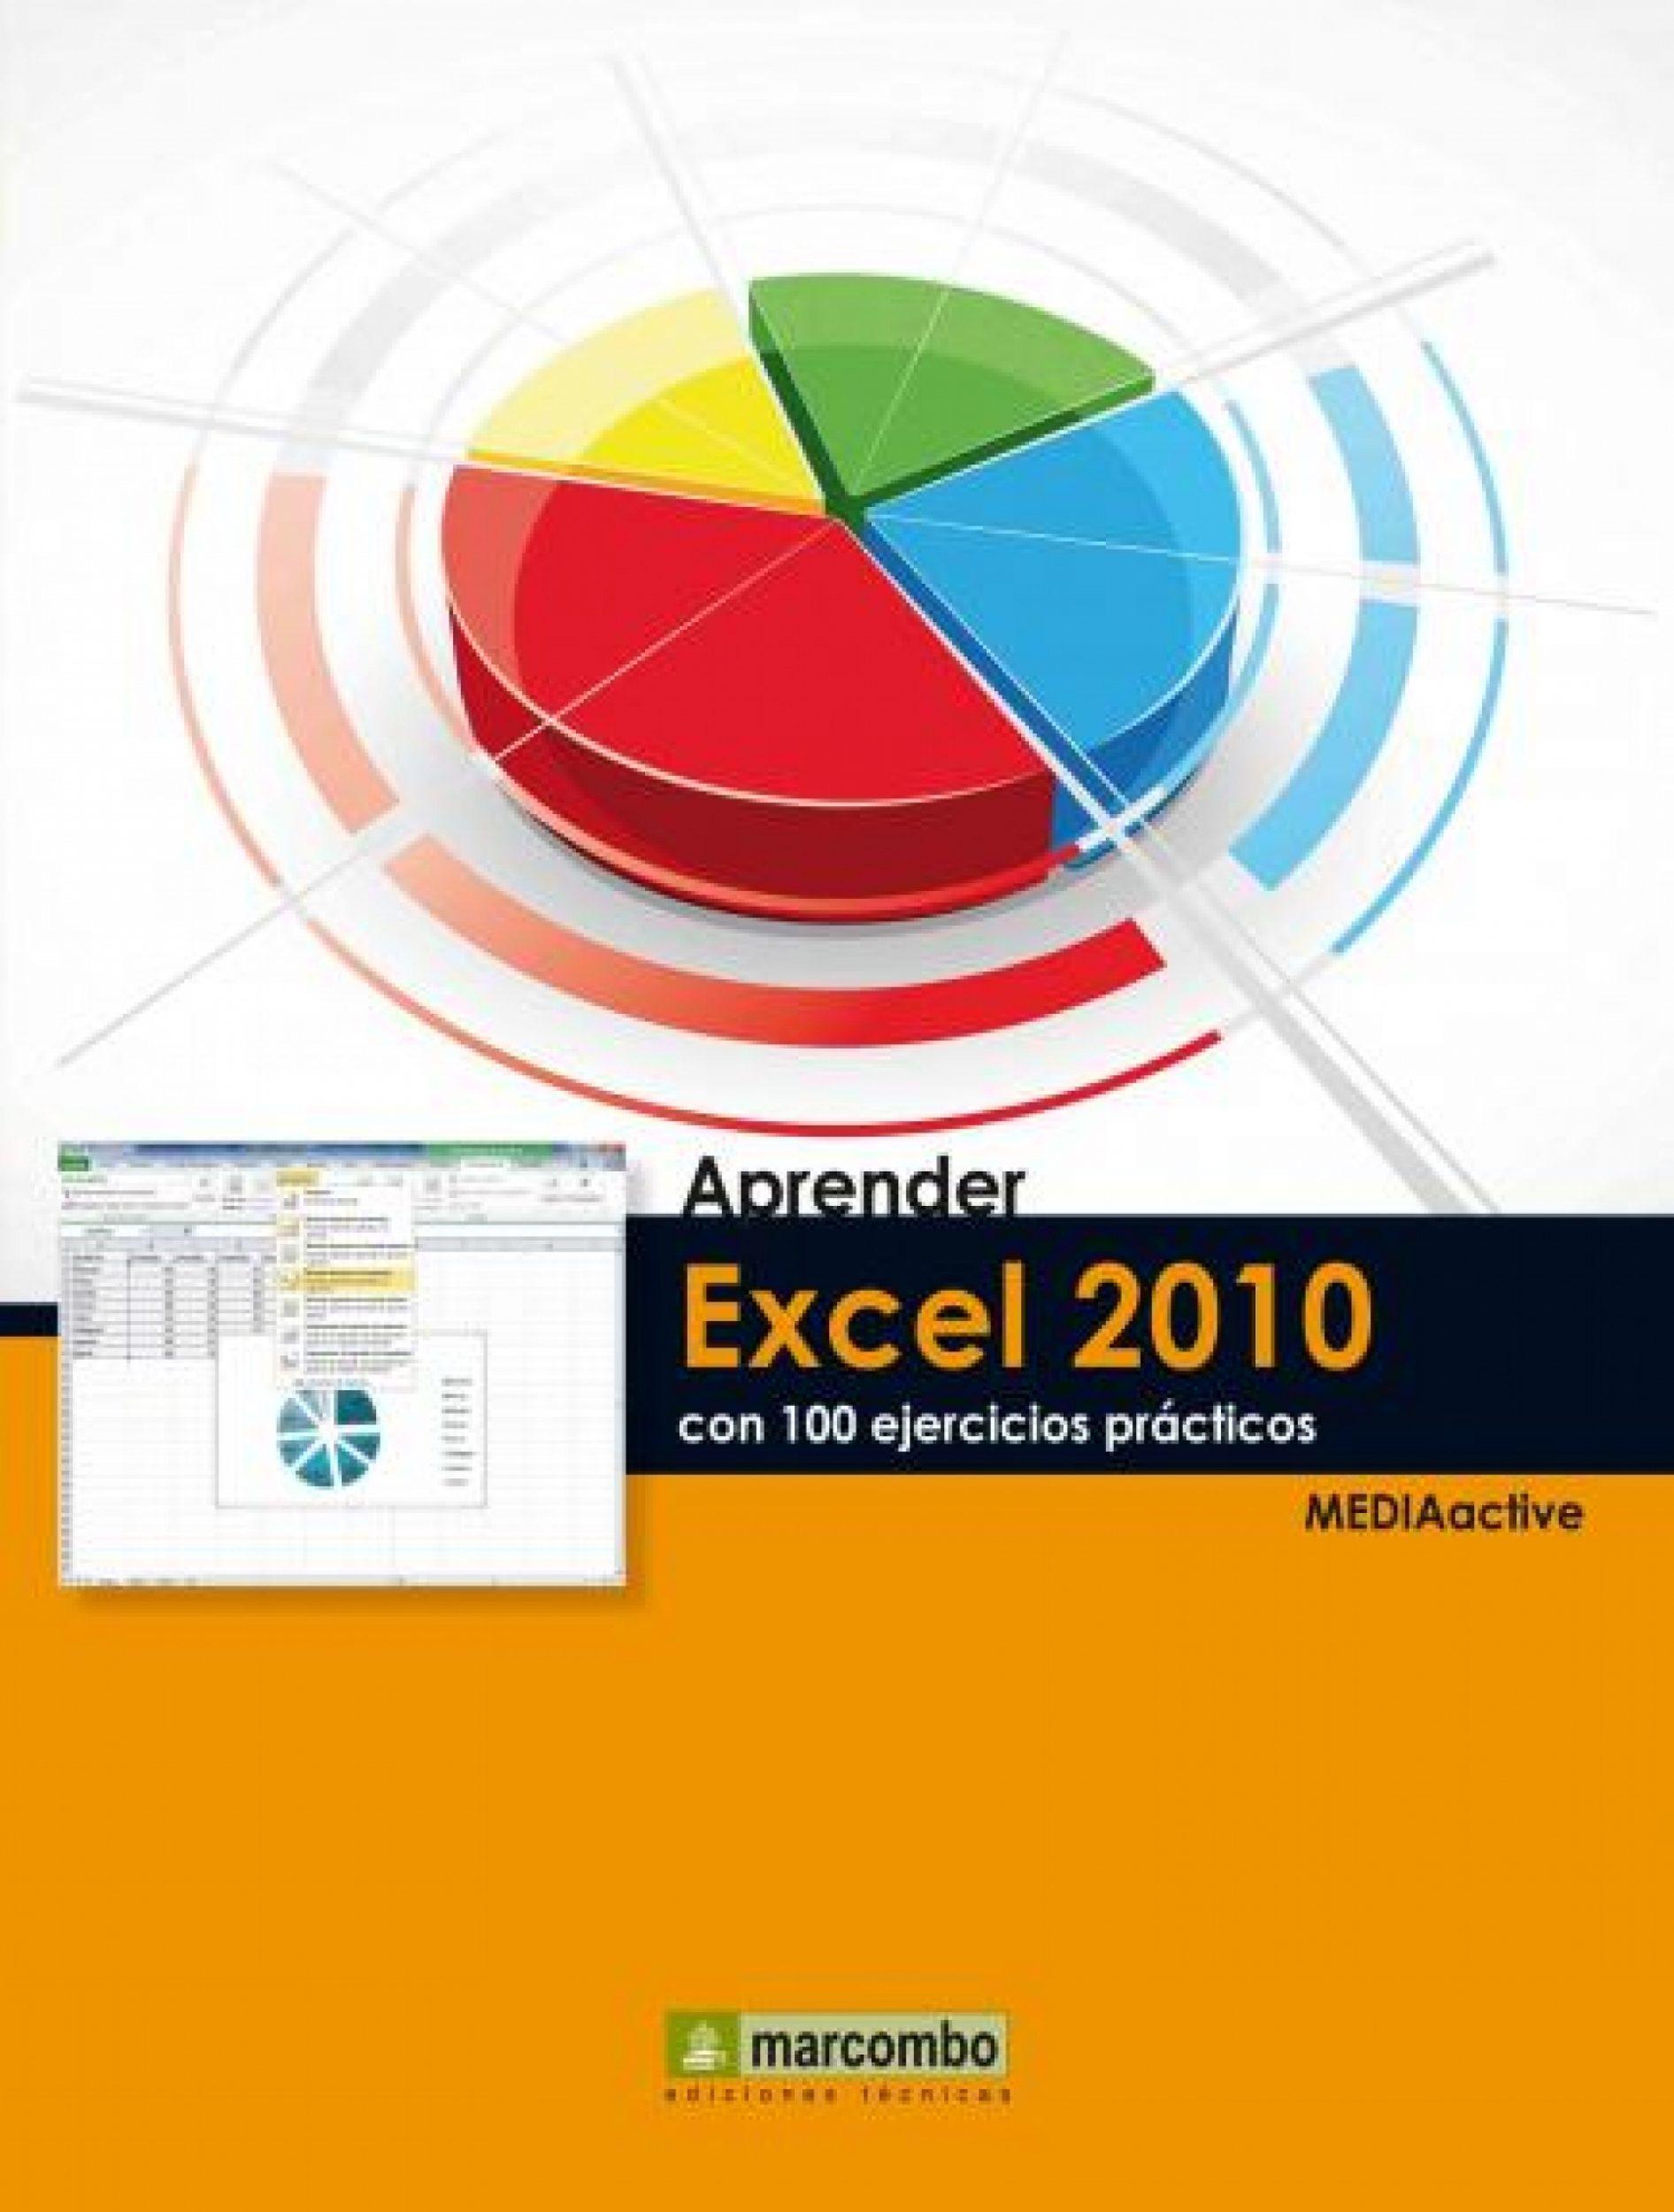 APRENDER EXCEL 2010 CON 100 EJERCICIOS PRÁCTICOS (EBOOK)